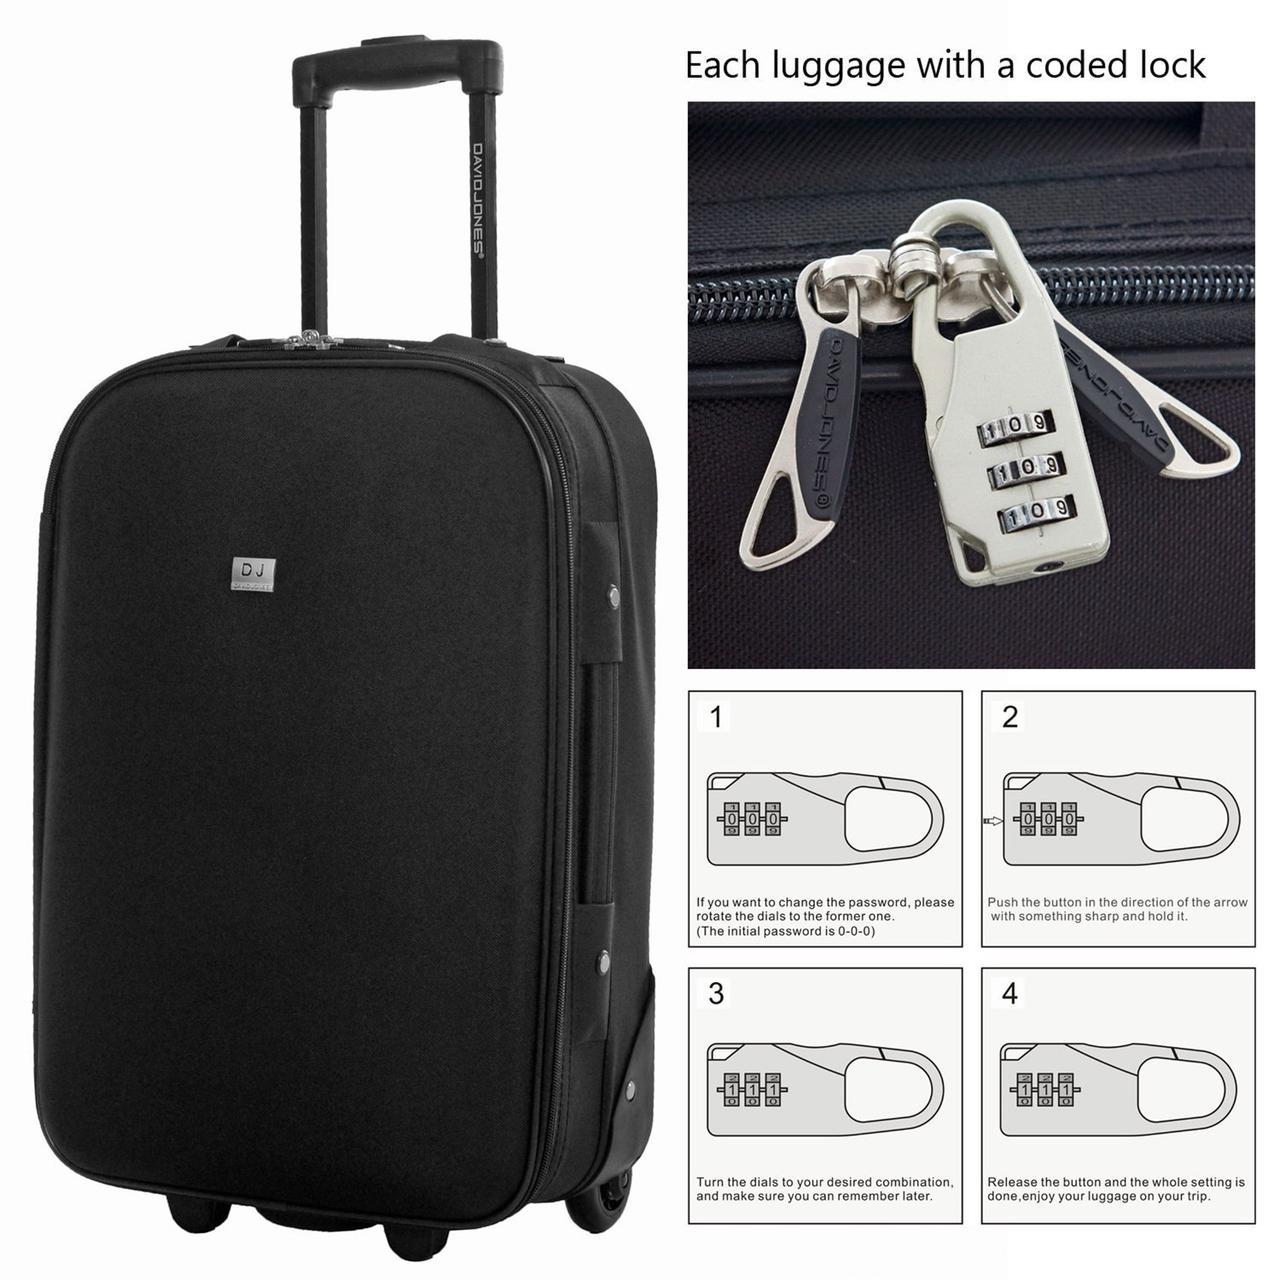 7ac61e180ab0 МАЛЕНЬКИЙ ЧЕМОДАН DAVID JONES 4010 черный ручная кладь - Интернет-магазин  чемоданов и дорожных сумок